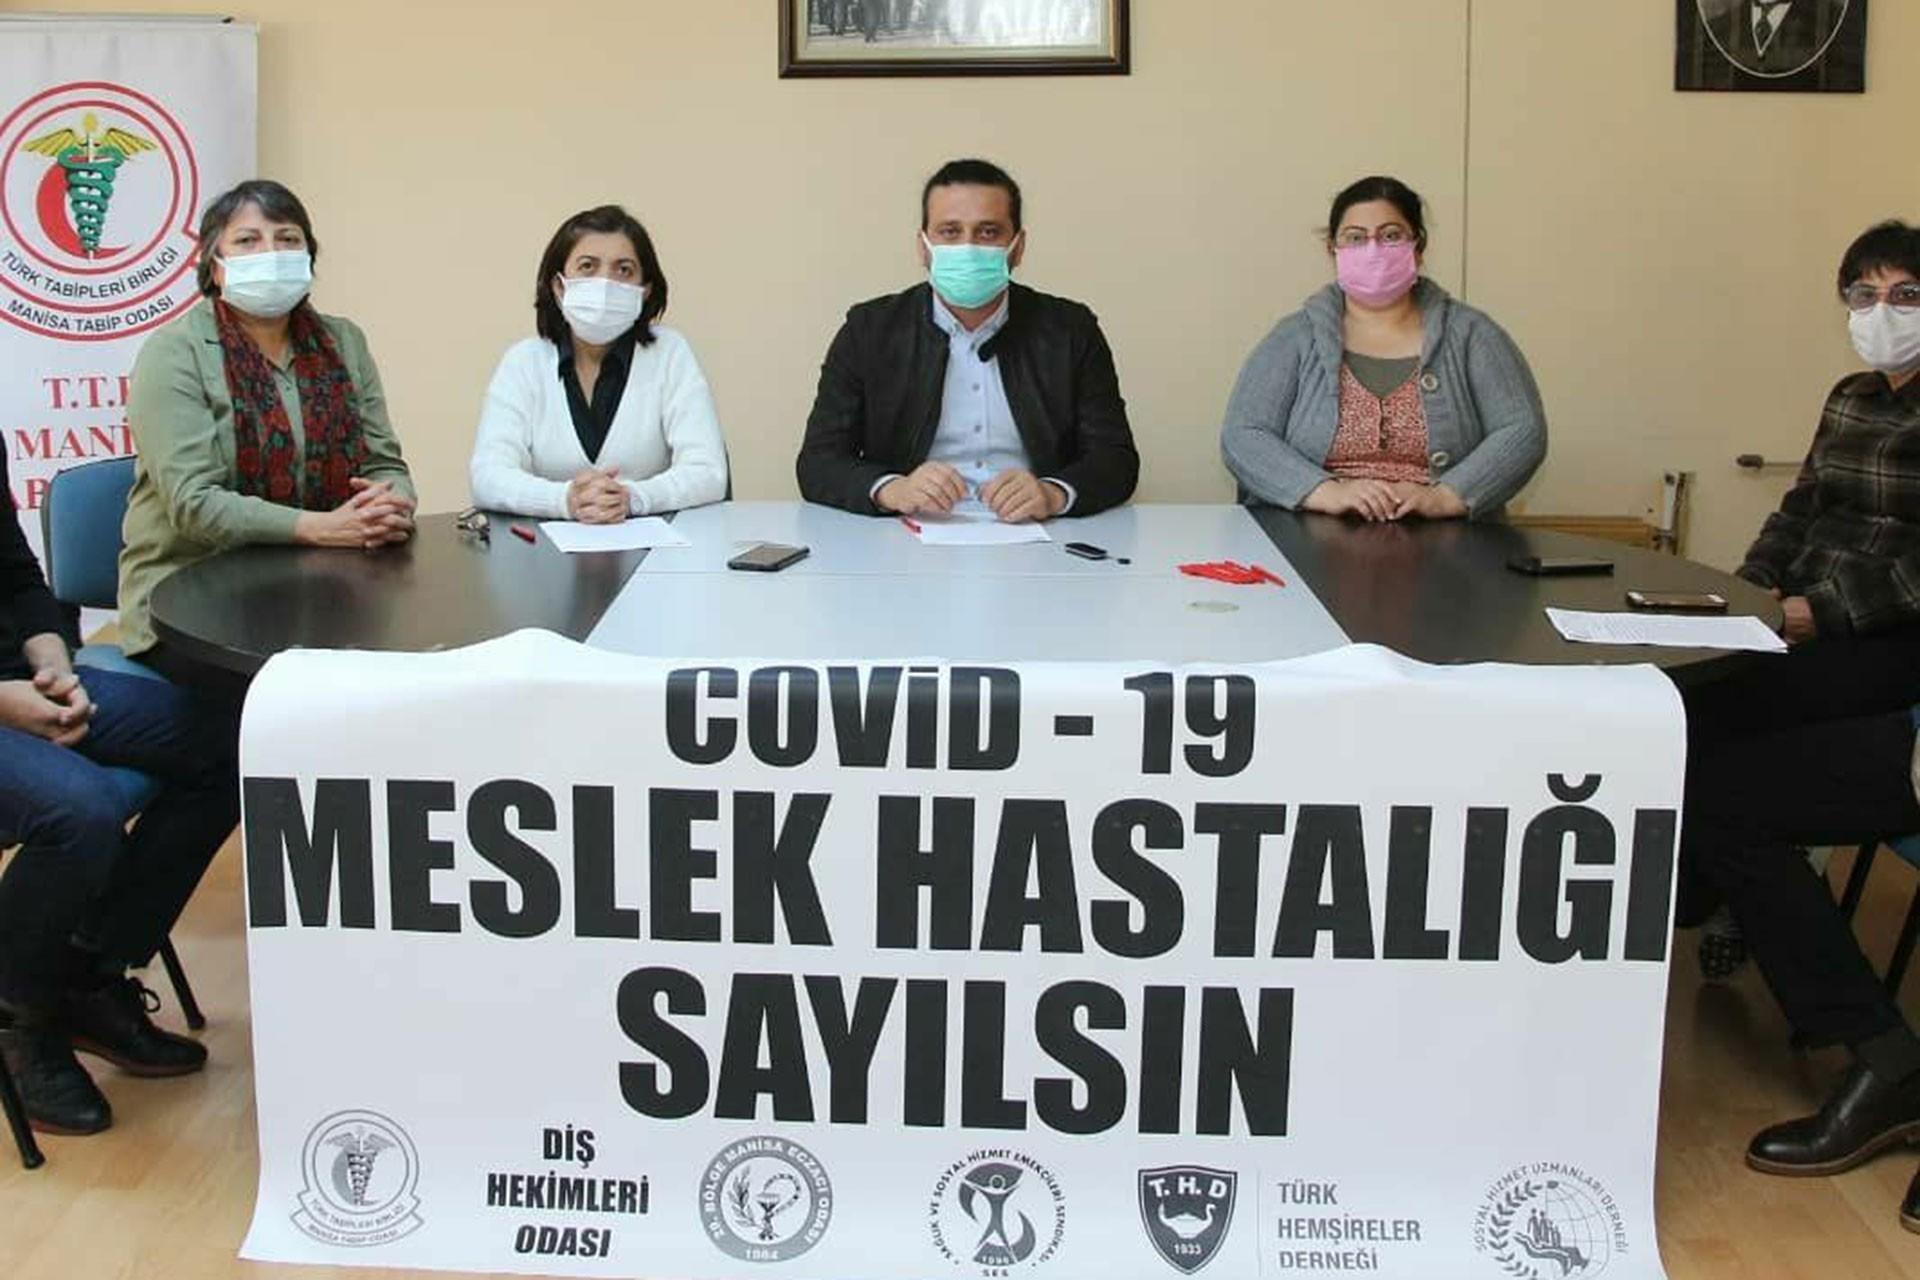 Manisa'da sağlık örgütleri ortak açıklama yaptı